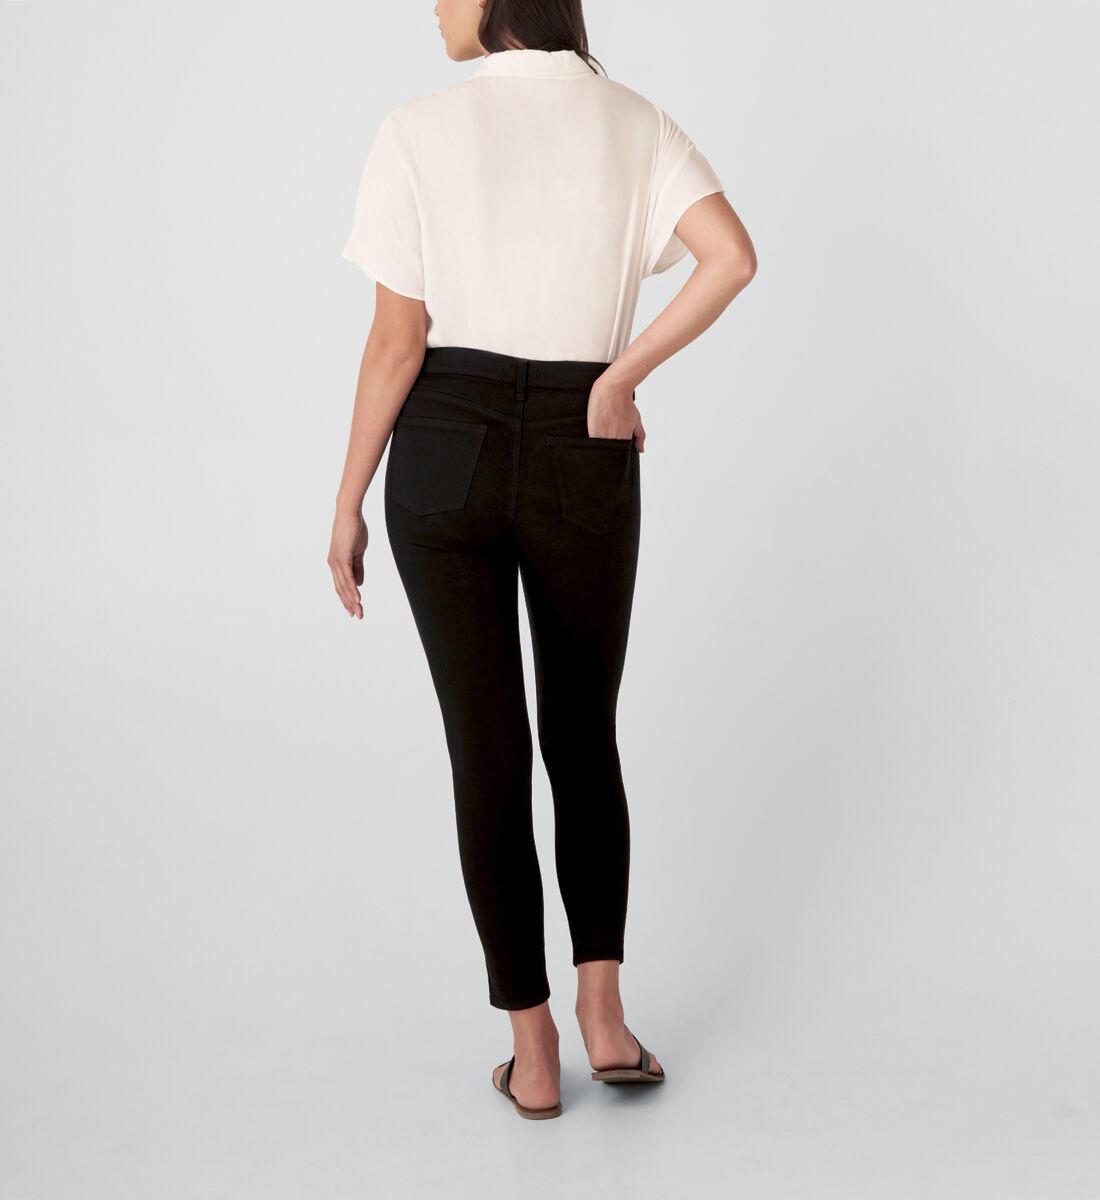 Suki Mid Rise Skinny Jeans,Black Back